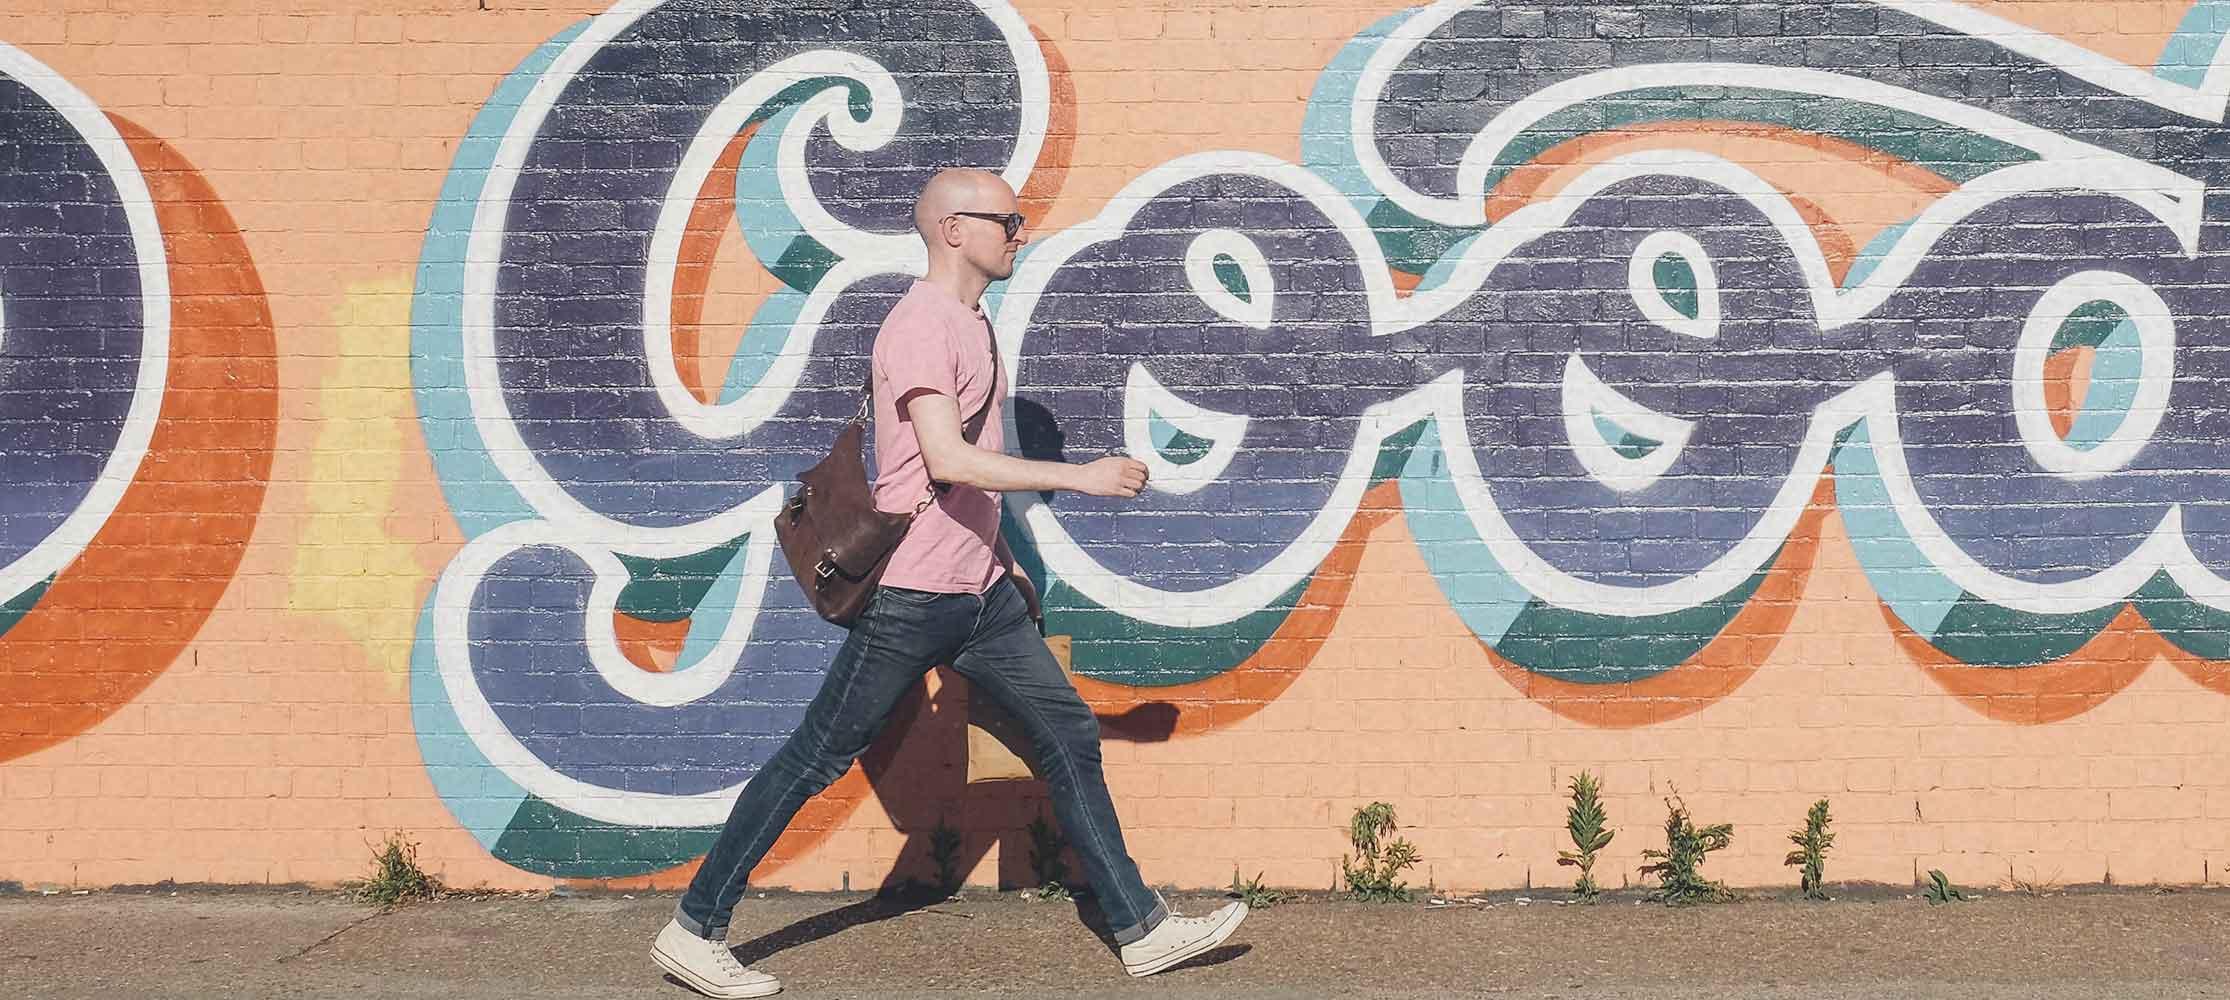 Mann läuft an Wand vorbei Follow-Me Gruppe